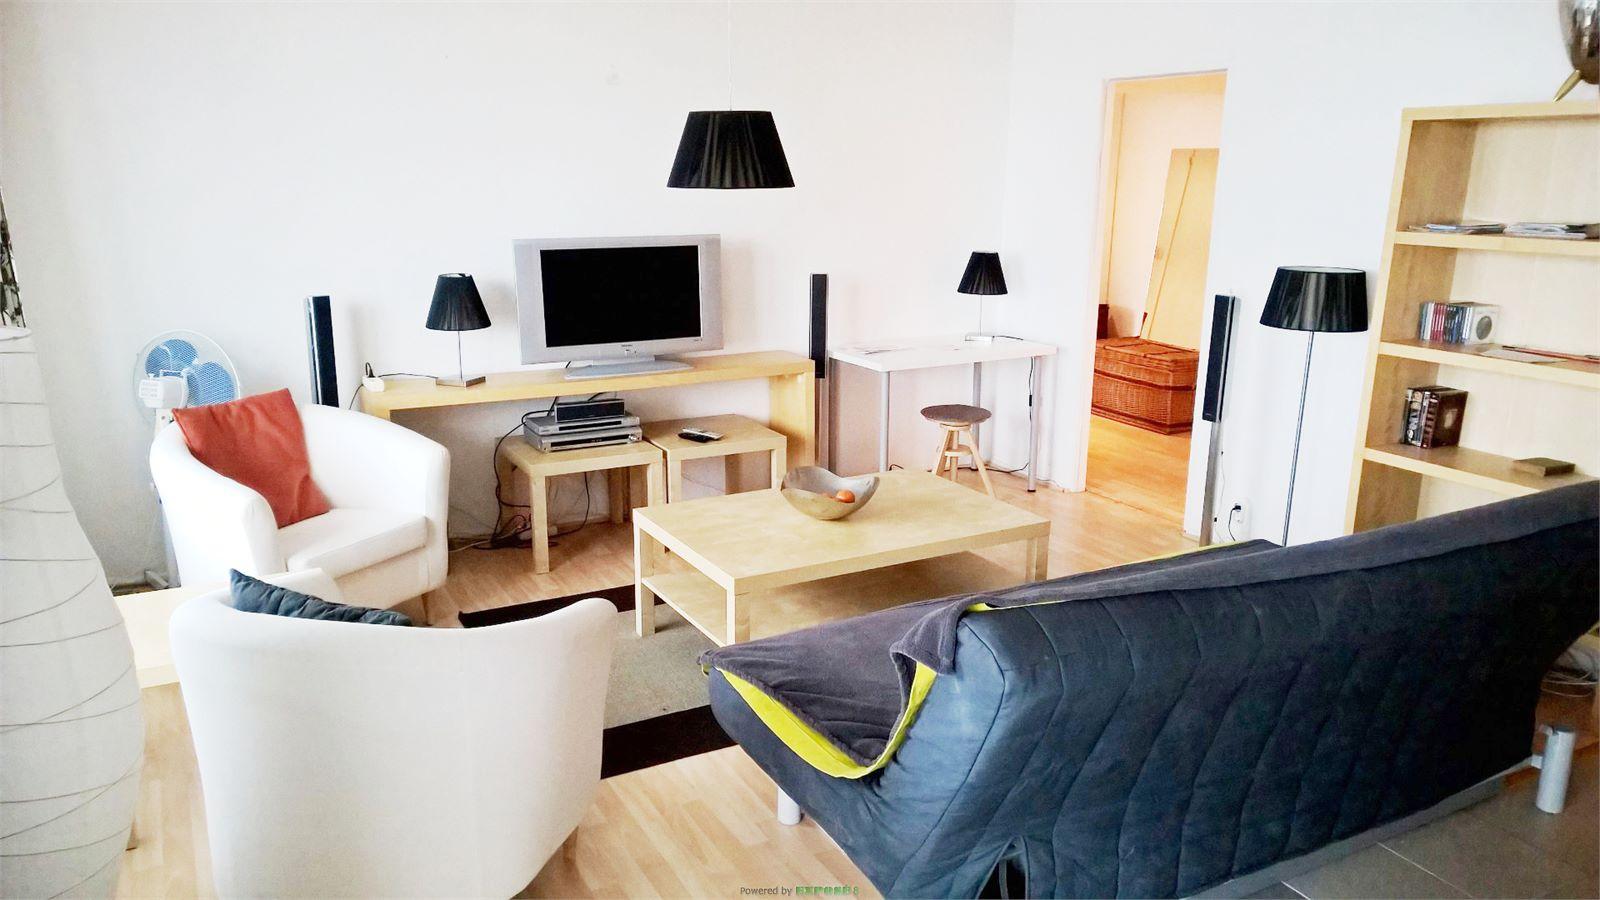 Möblierte, helle Wohnung mit Ausblick über Berlin Mitte